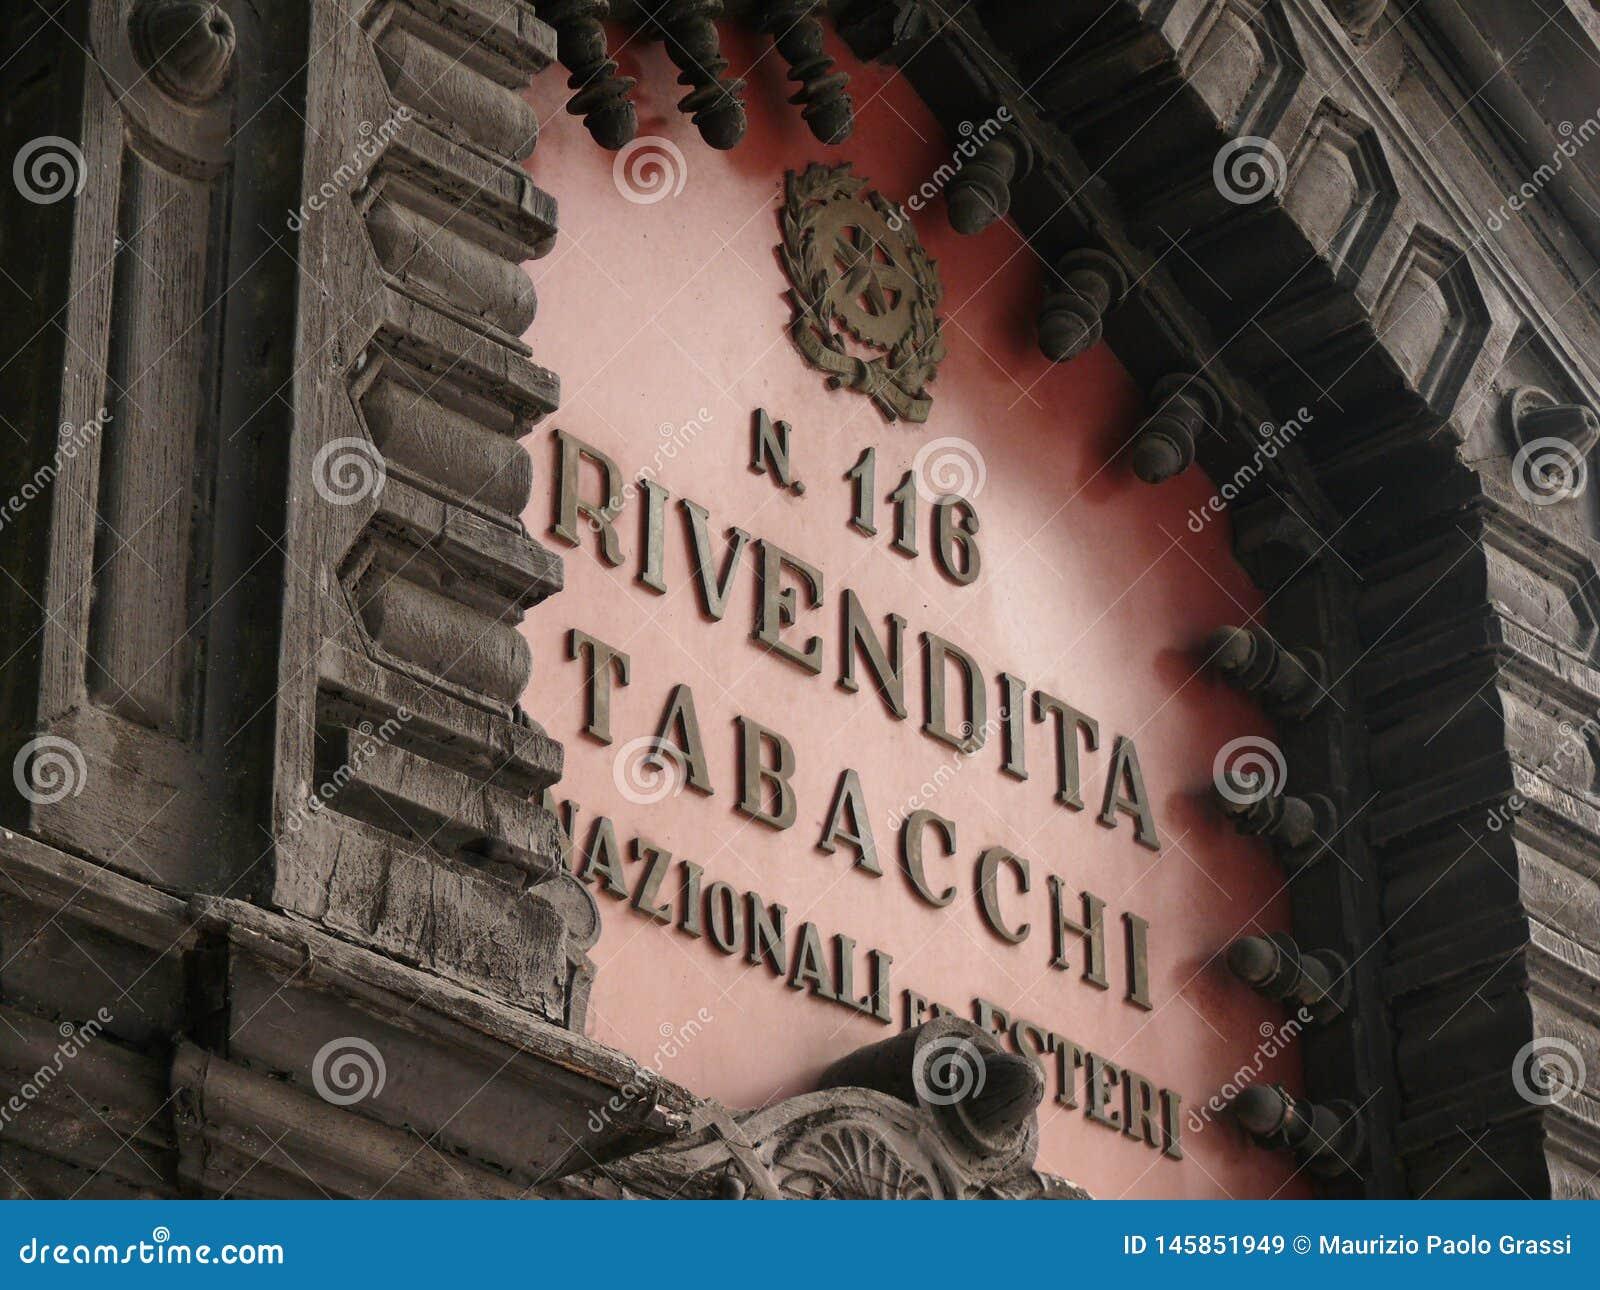 Παλέρμο, Σικελία, Ιταλία 11/04/2010 Σημάδι καταστημάτων καπνών